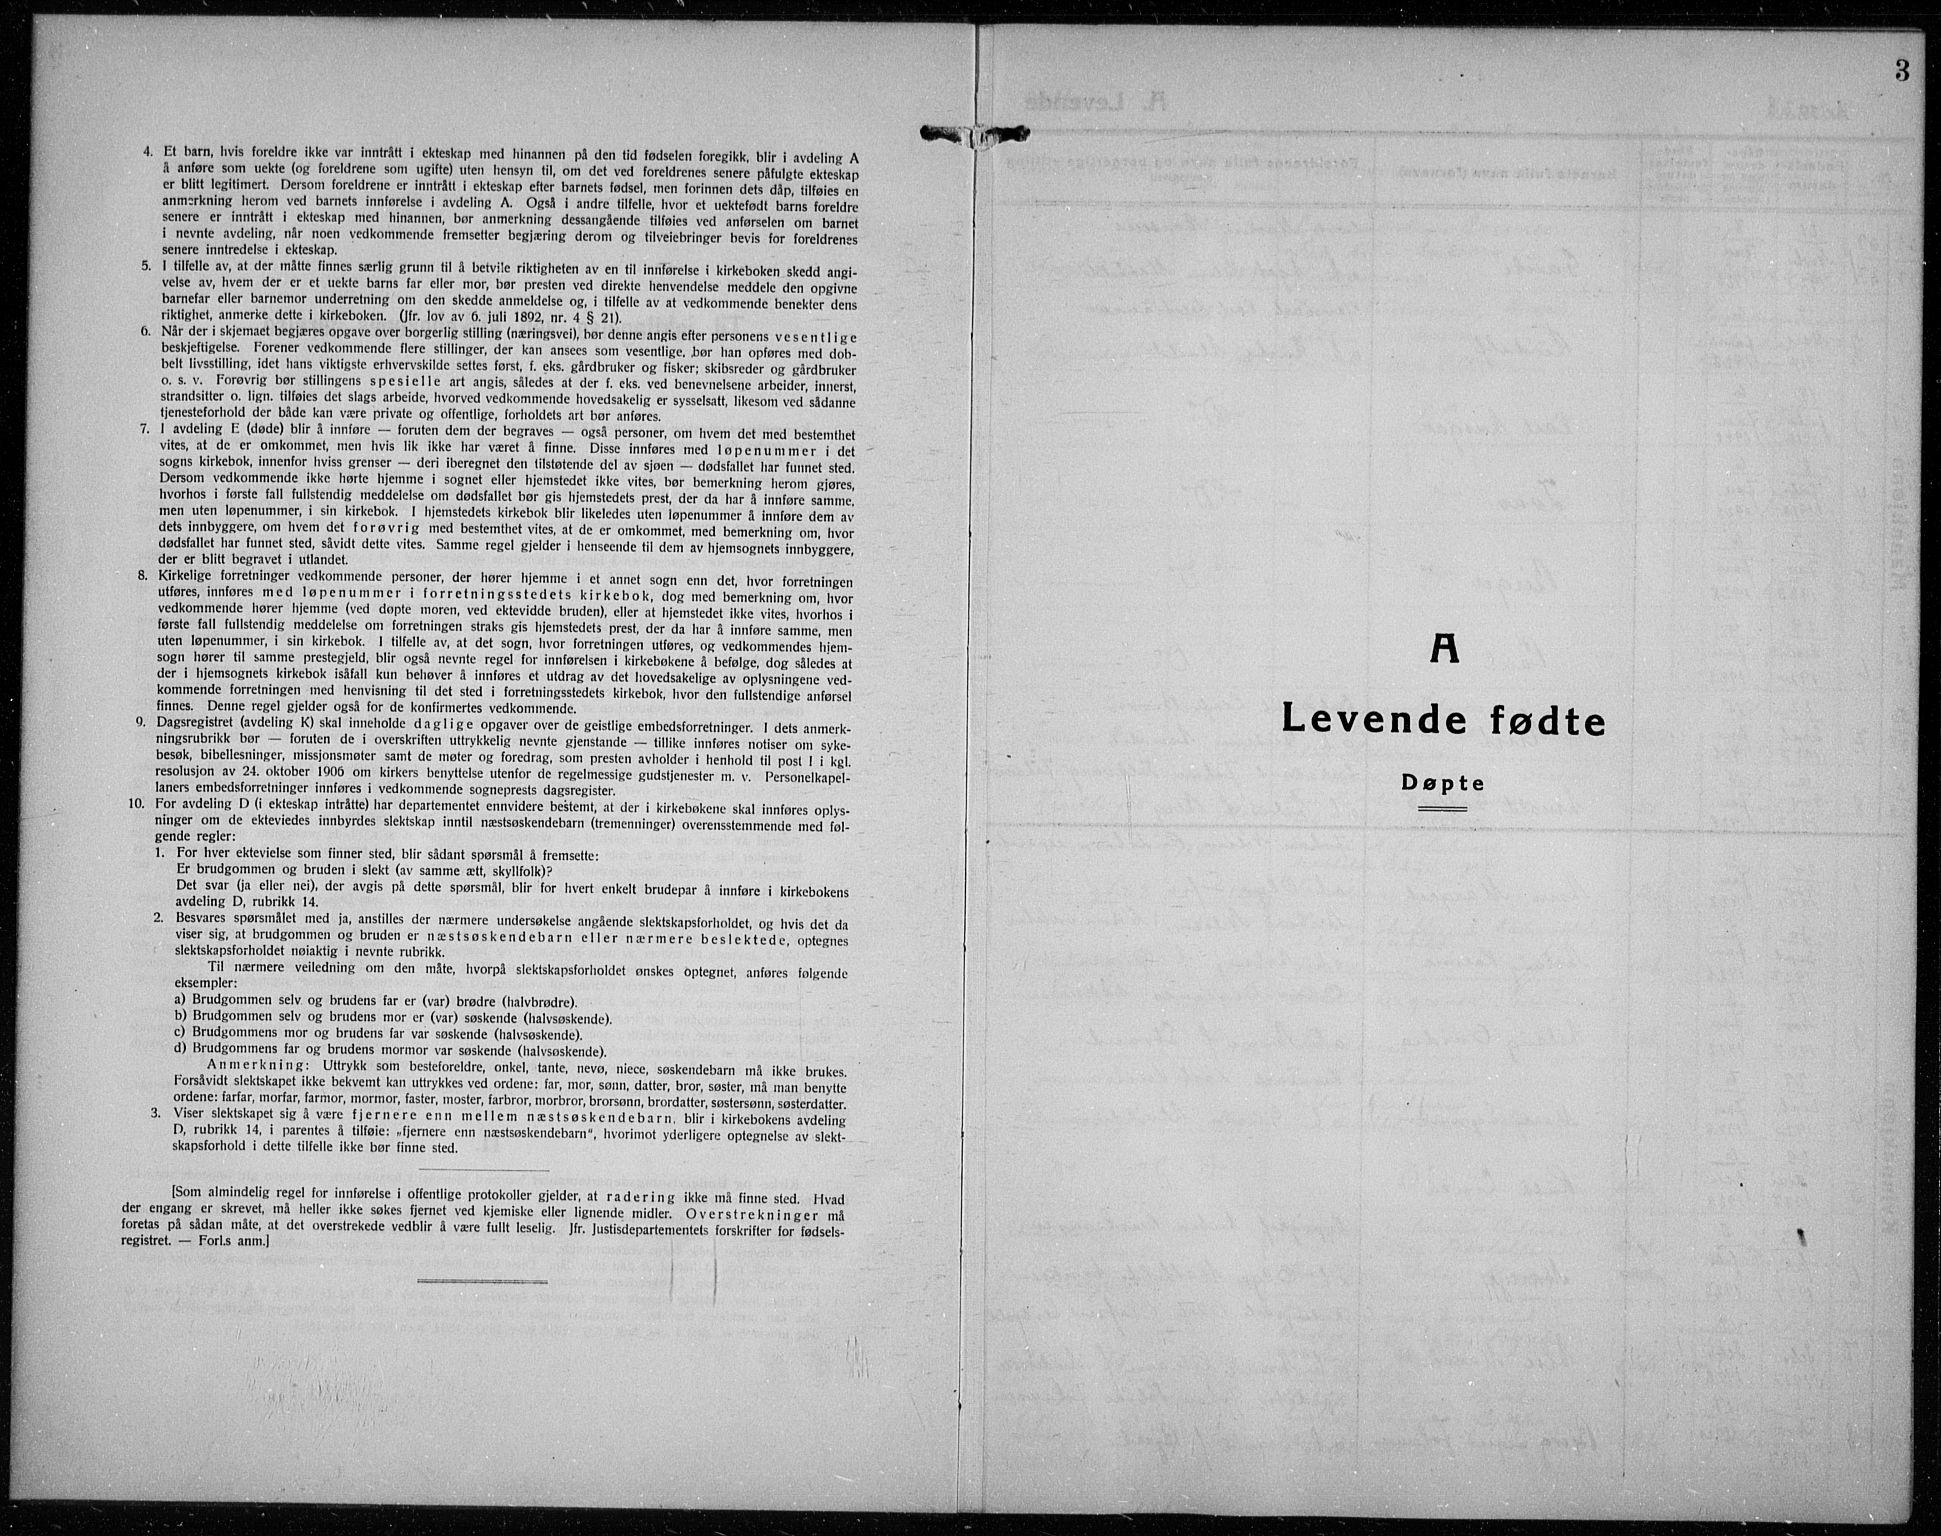 SAKO, Rjukan kirkebøker, G/Ga/L0005: Klokkerbok nr. 5, 1928-1937, s. 3